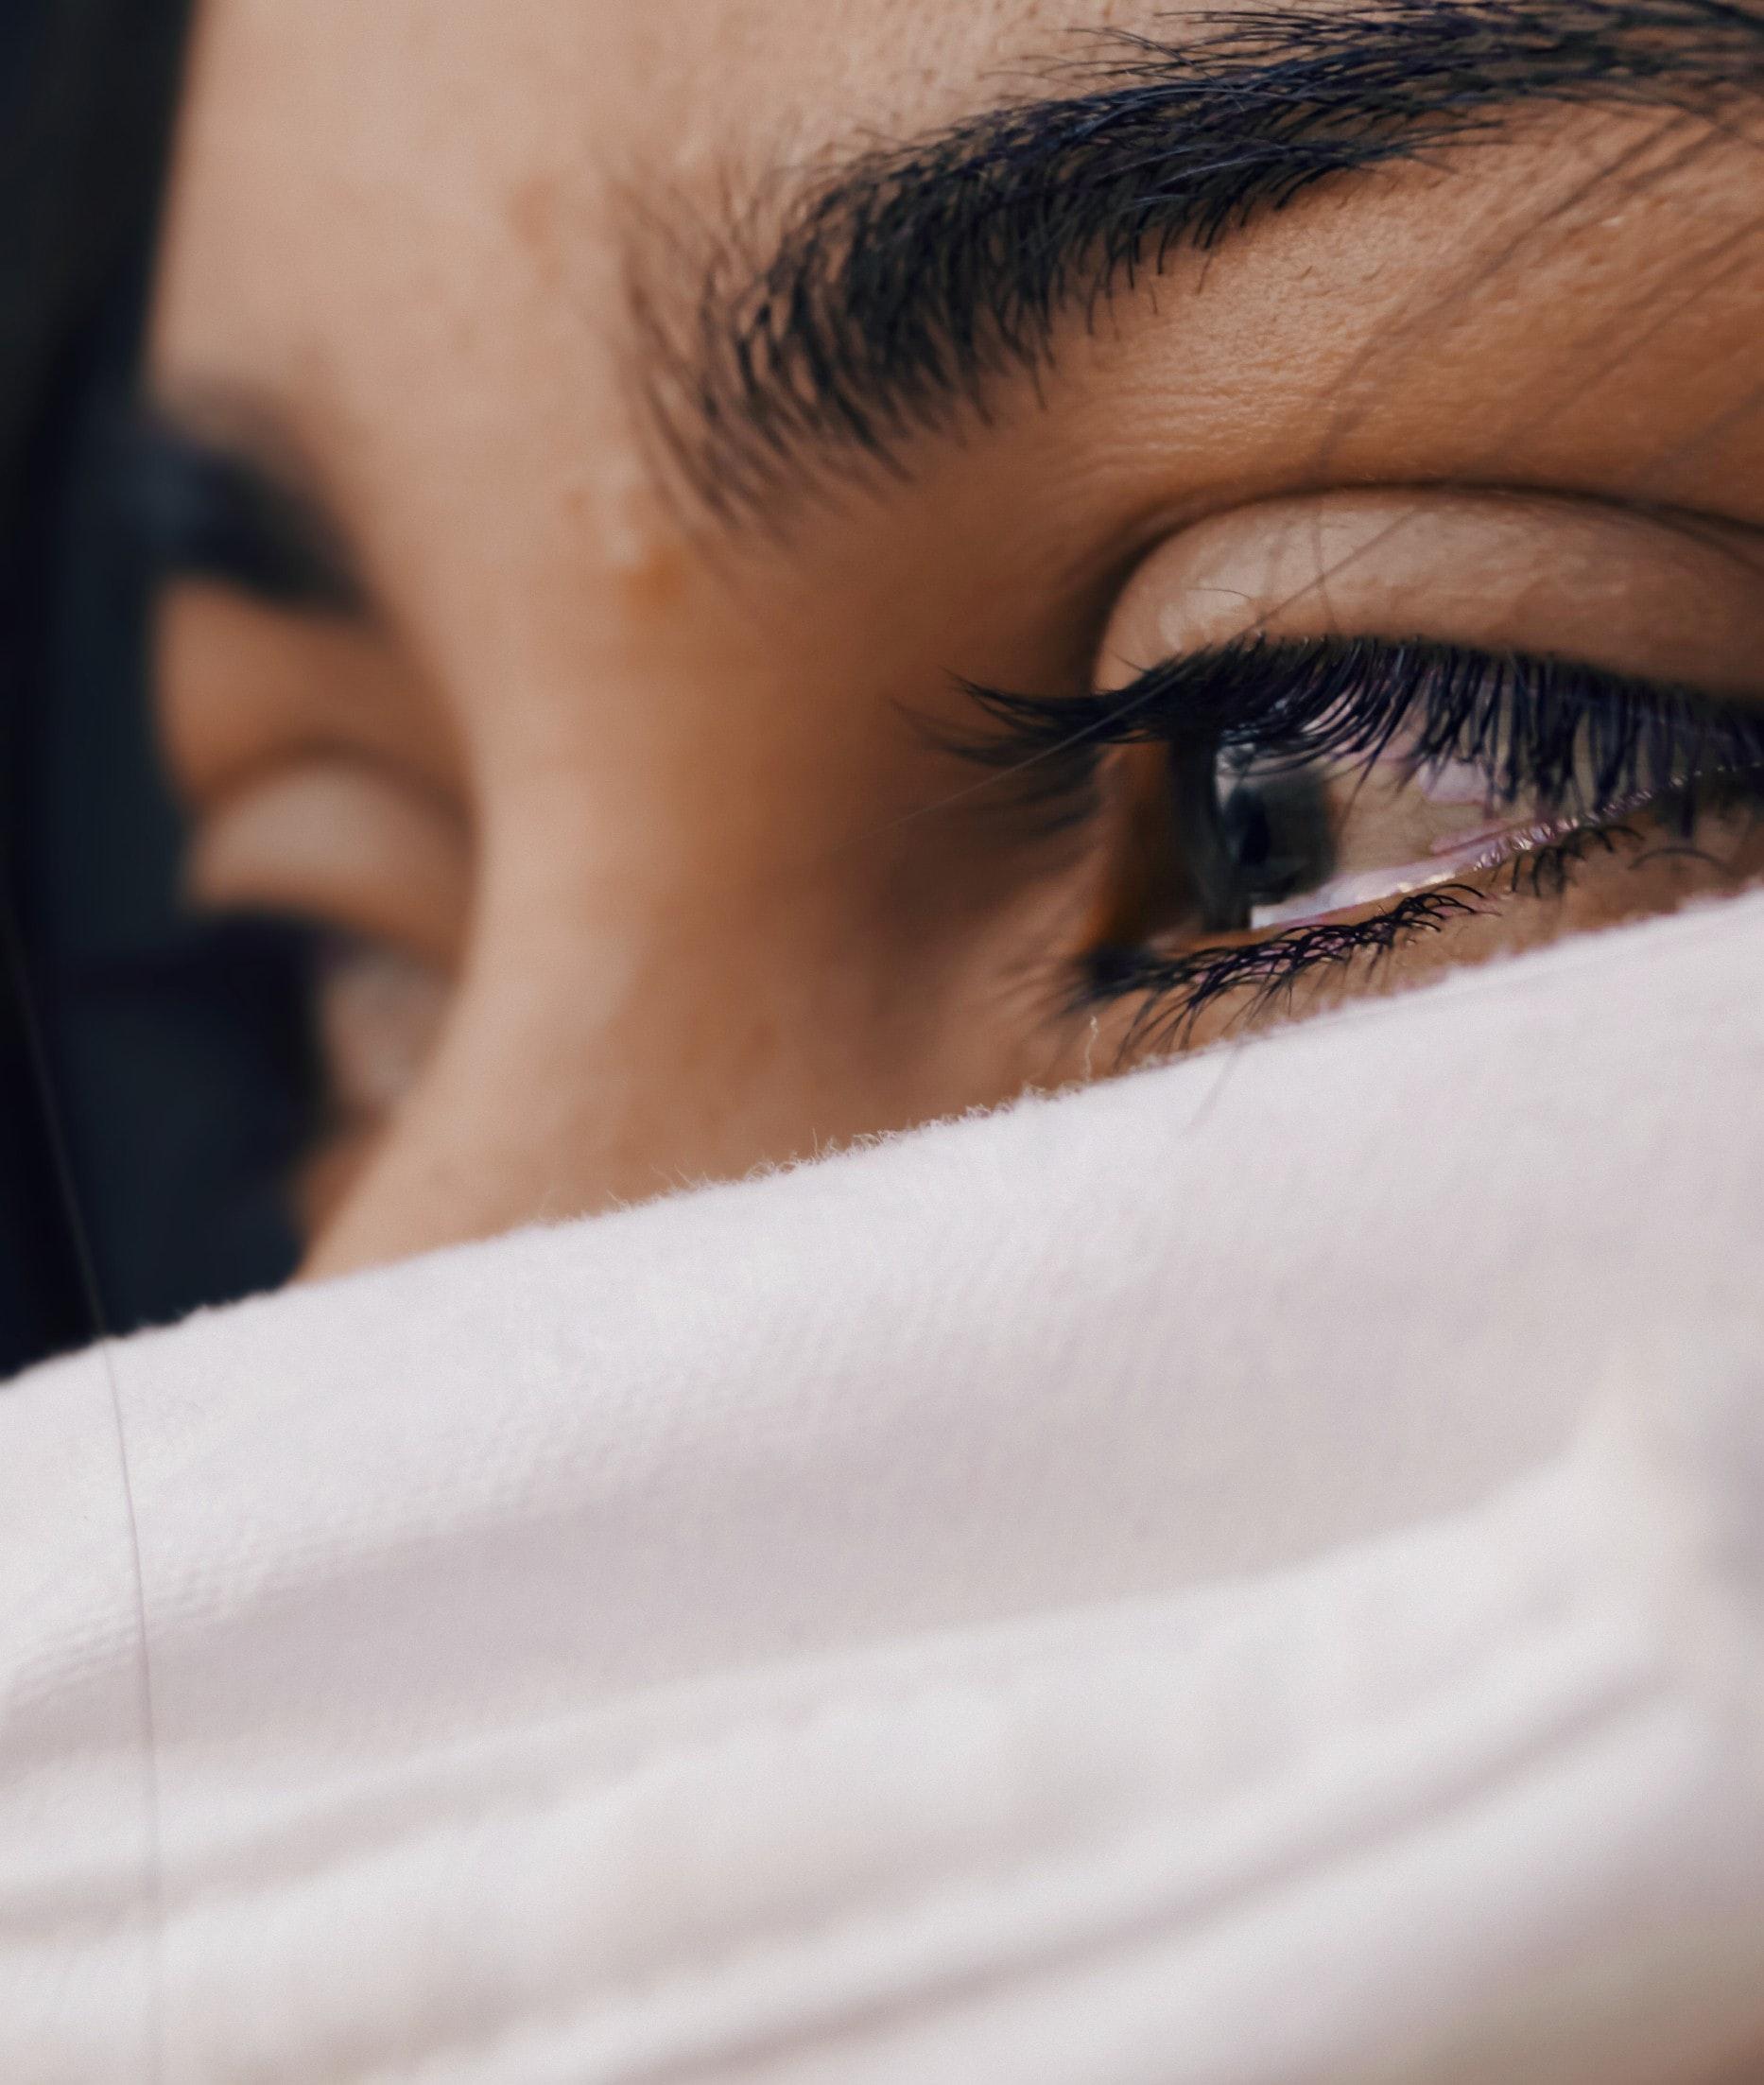 Confronting Gender-based violence